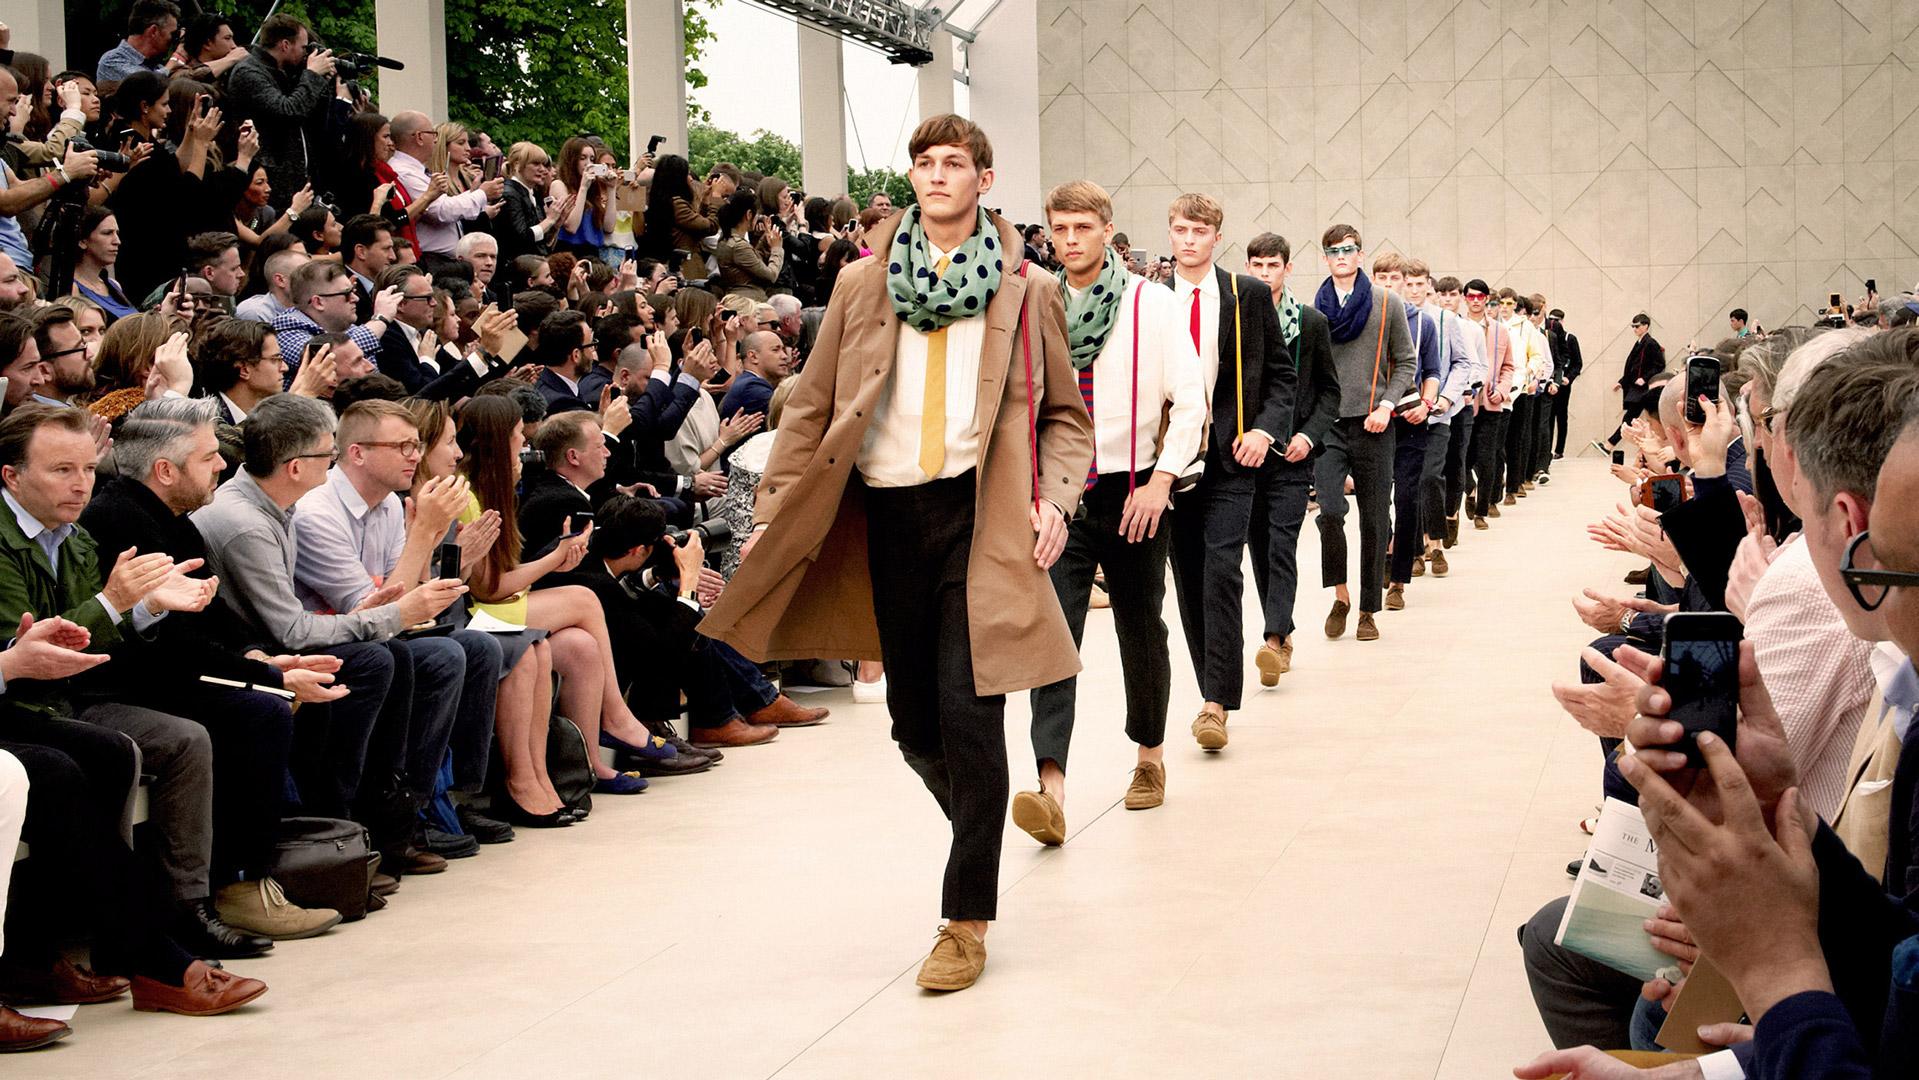 Pánská móda pro jaro/léto 2014 podle Burberry nebo Prada?